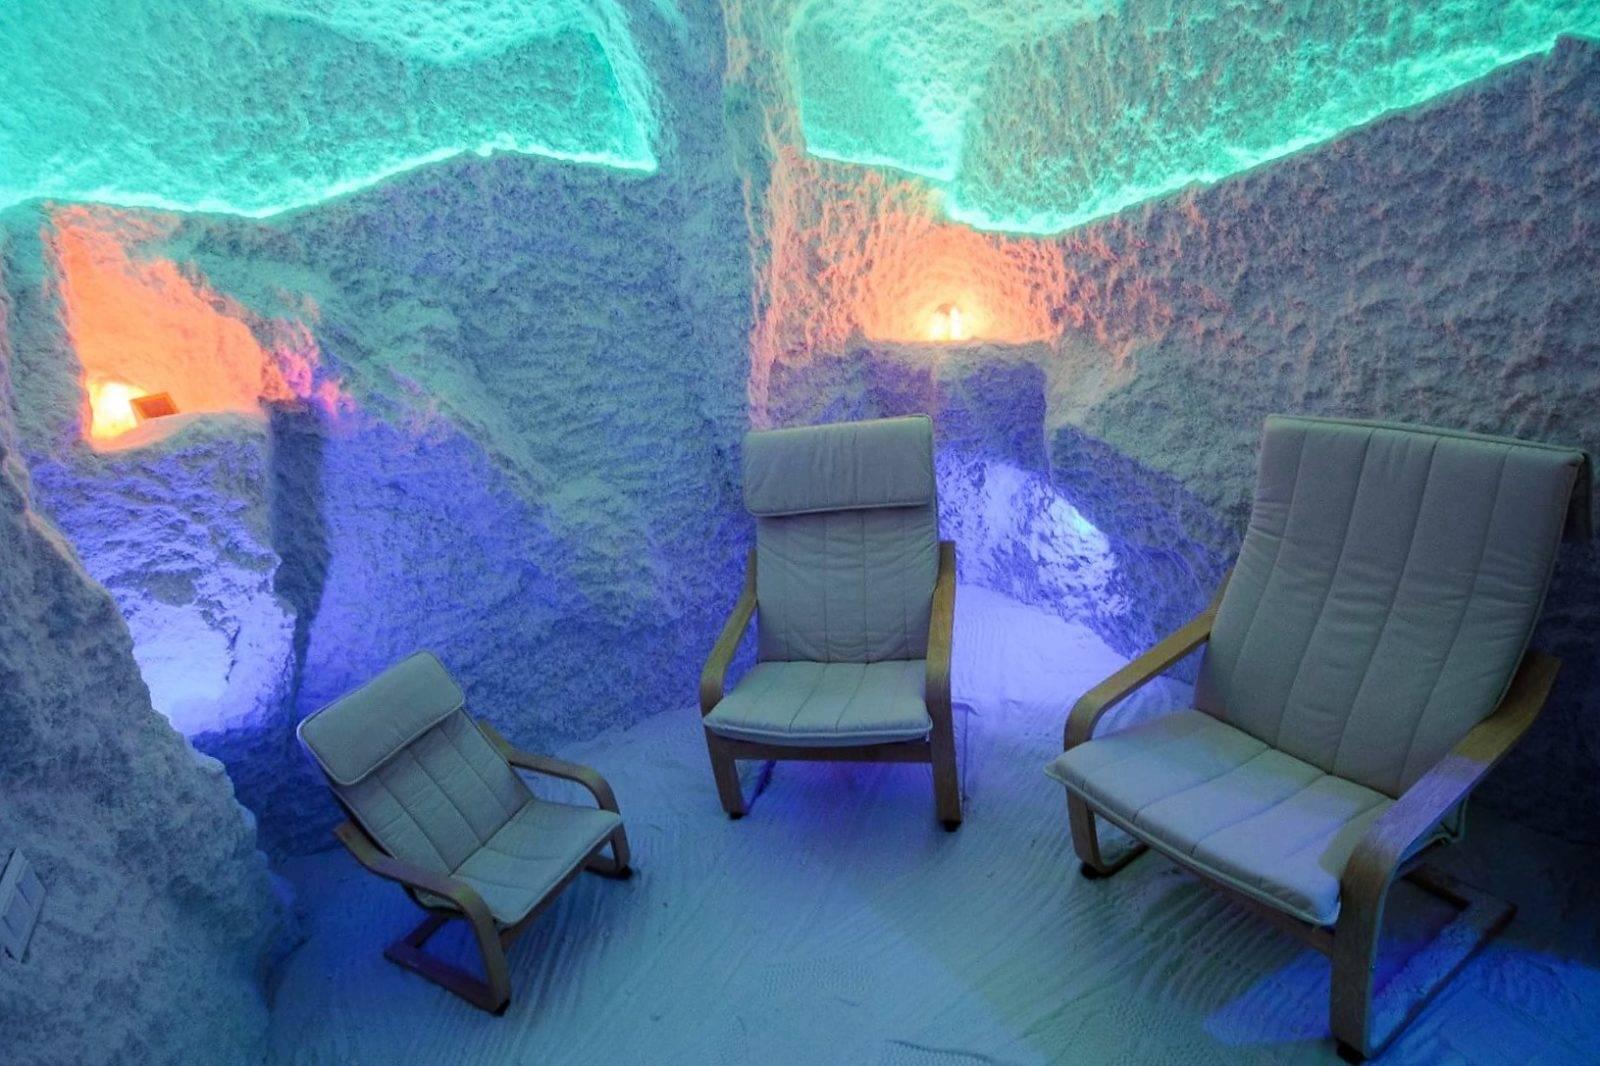 Соляная пещера (комната): польза и вред, показания, противопоказания, отзывы